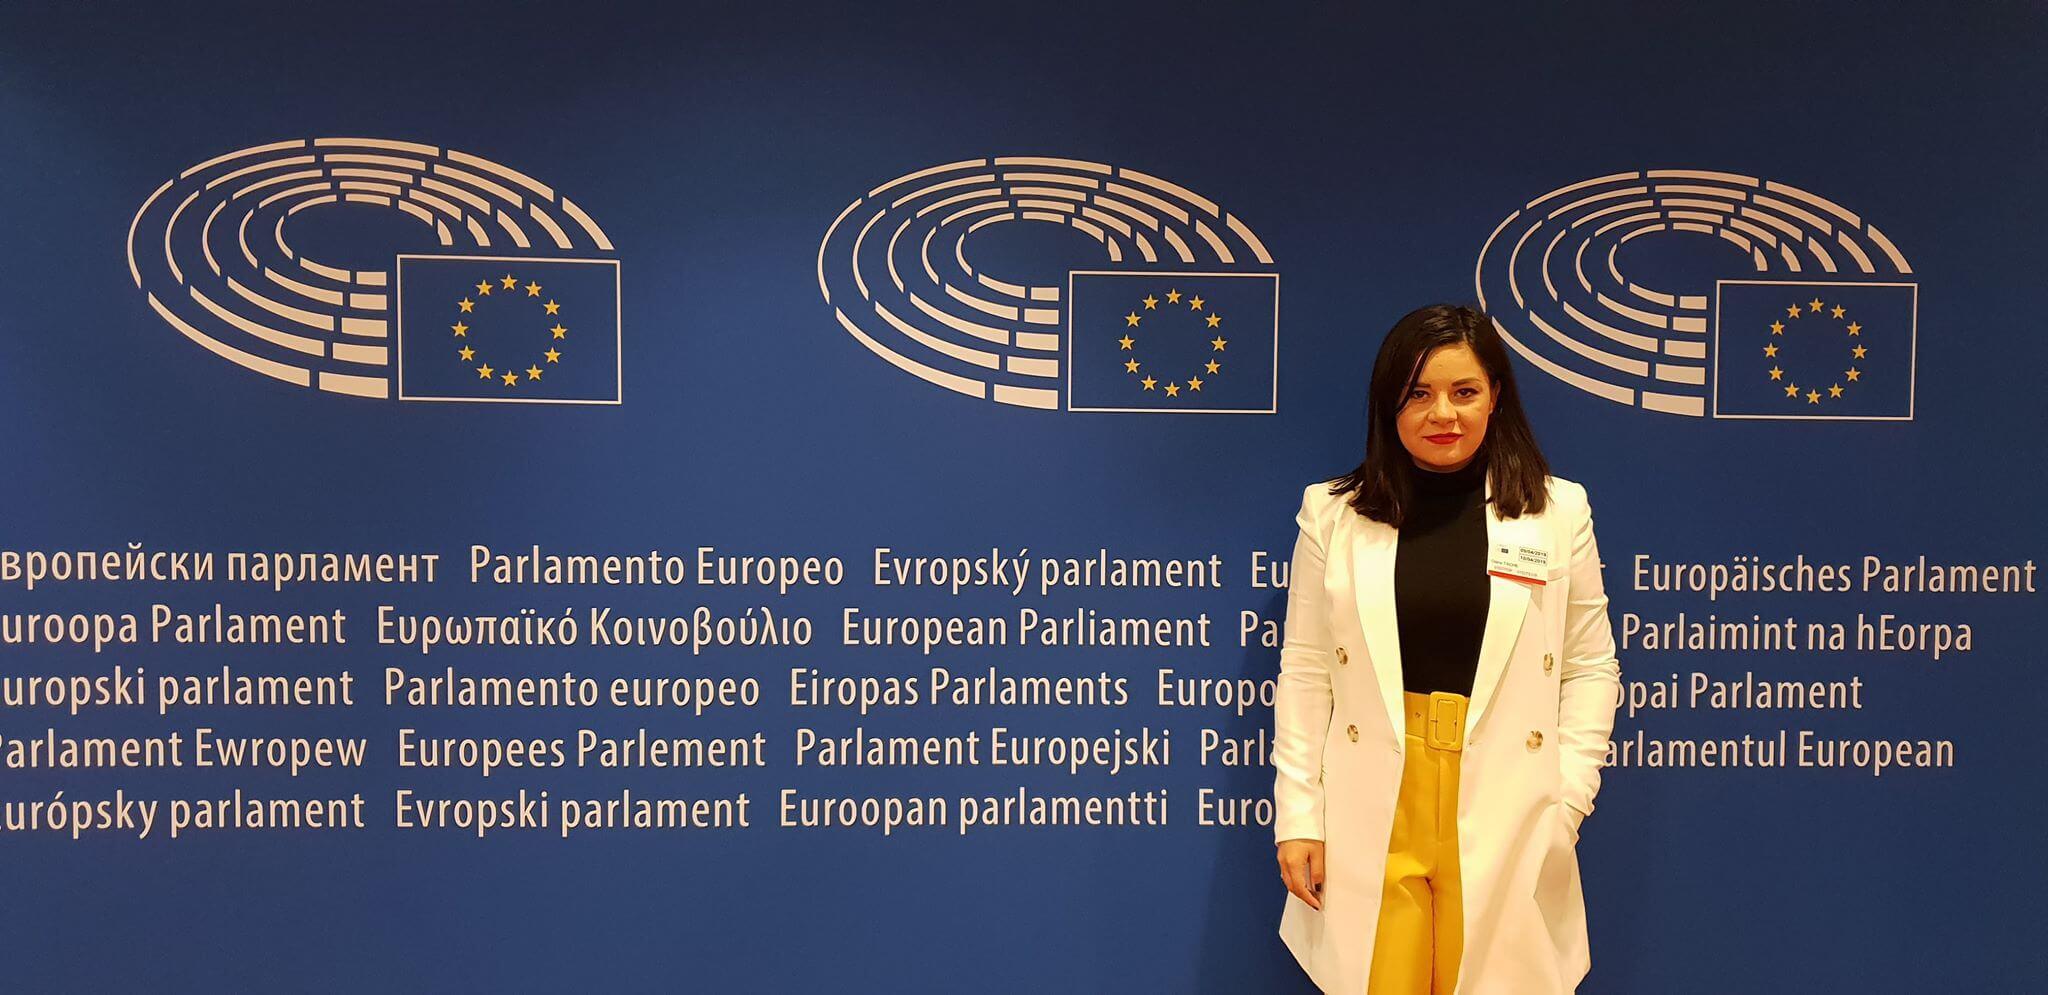 Oana Tache Parlamentul European